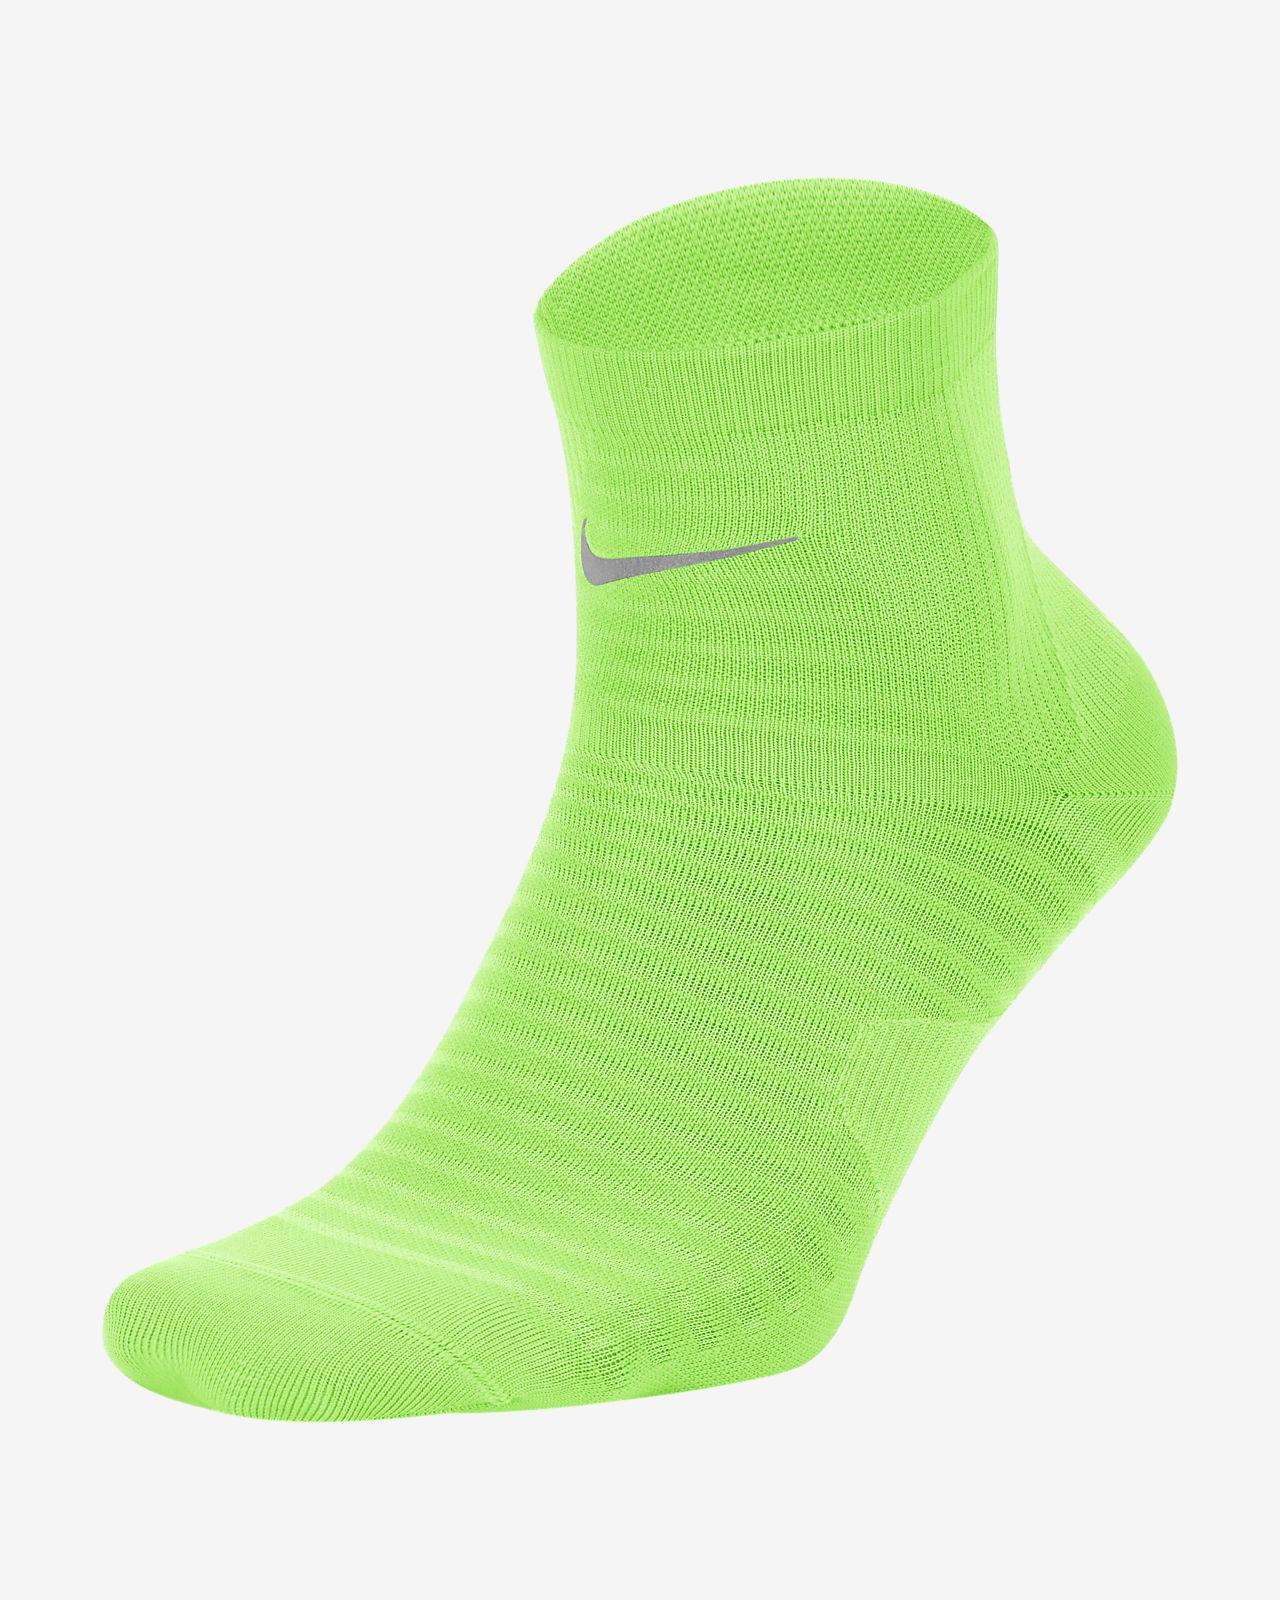 Κάλτσες μέχρι τον αστράγαλο για τρέξιμο Nike Spark Lightweight